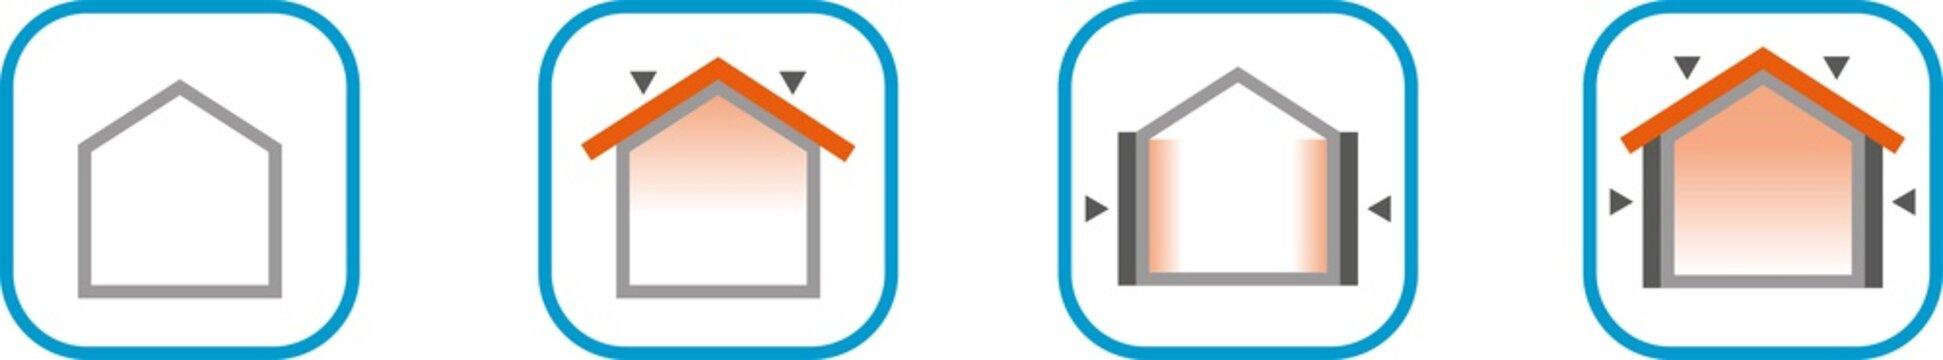 Icone isolamenti termici per la casa